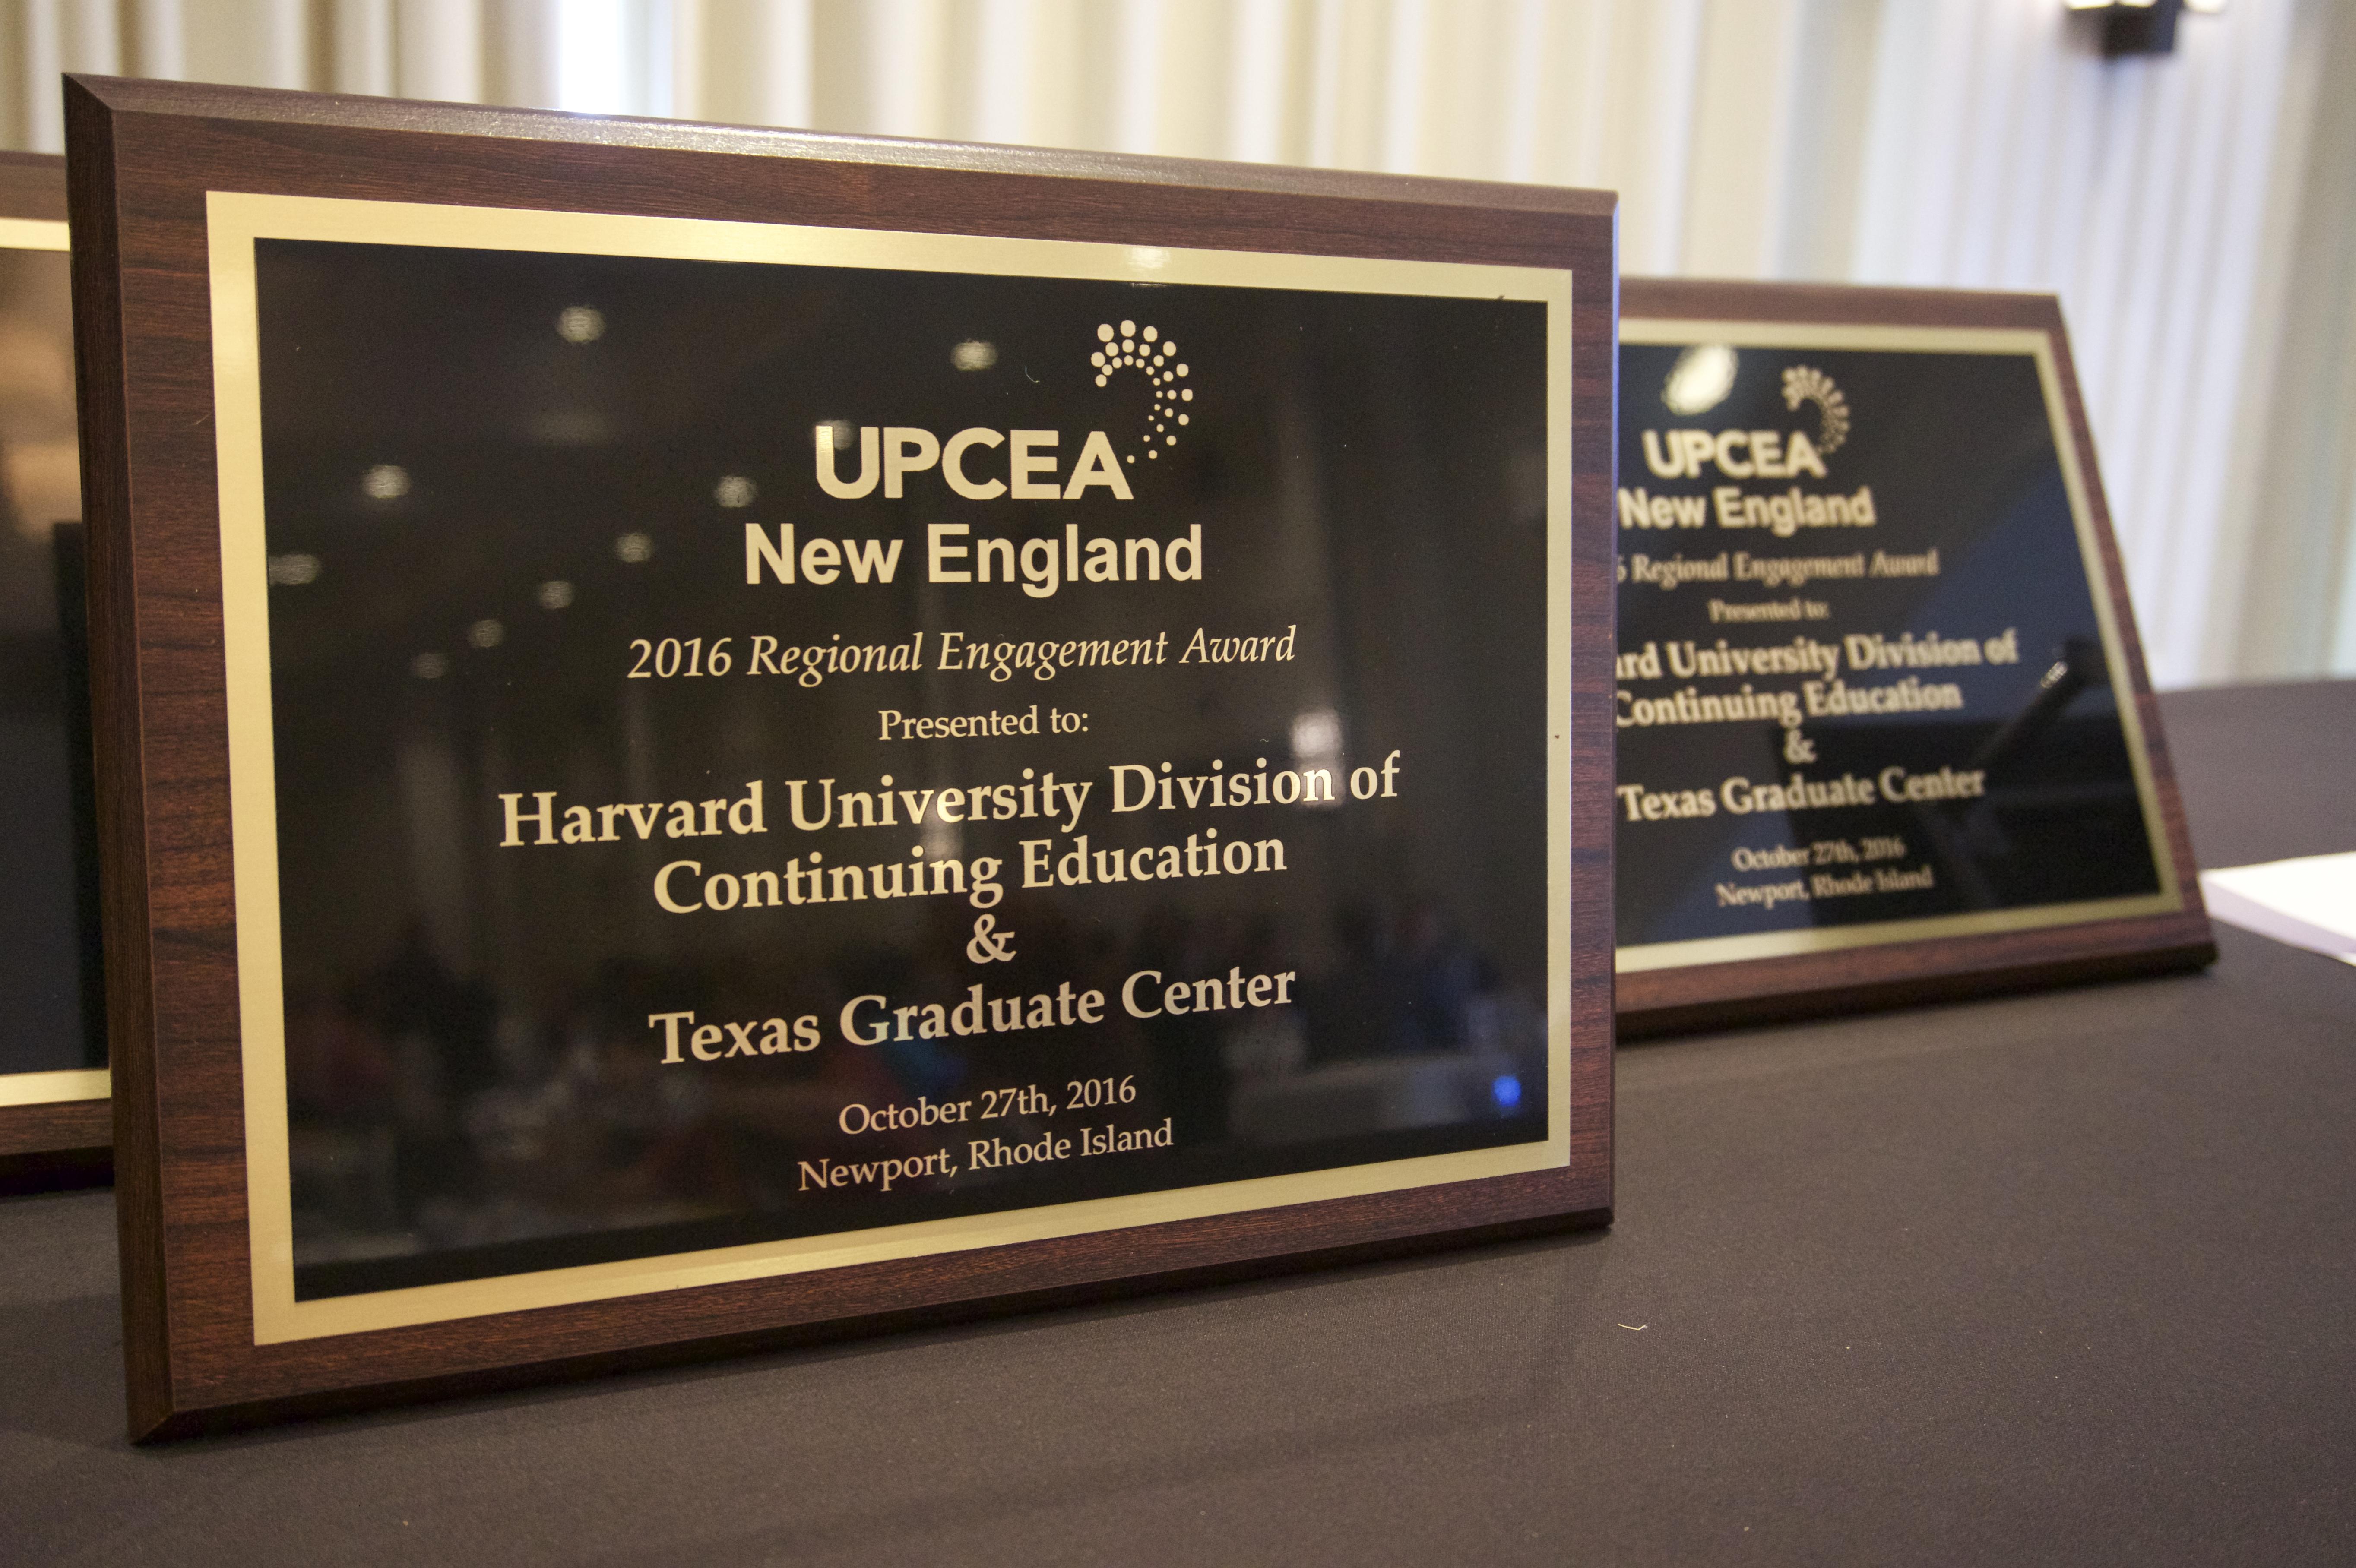 Upcea Award Recognizes Tgcs Mathteach Collaborative Partnership